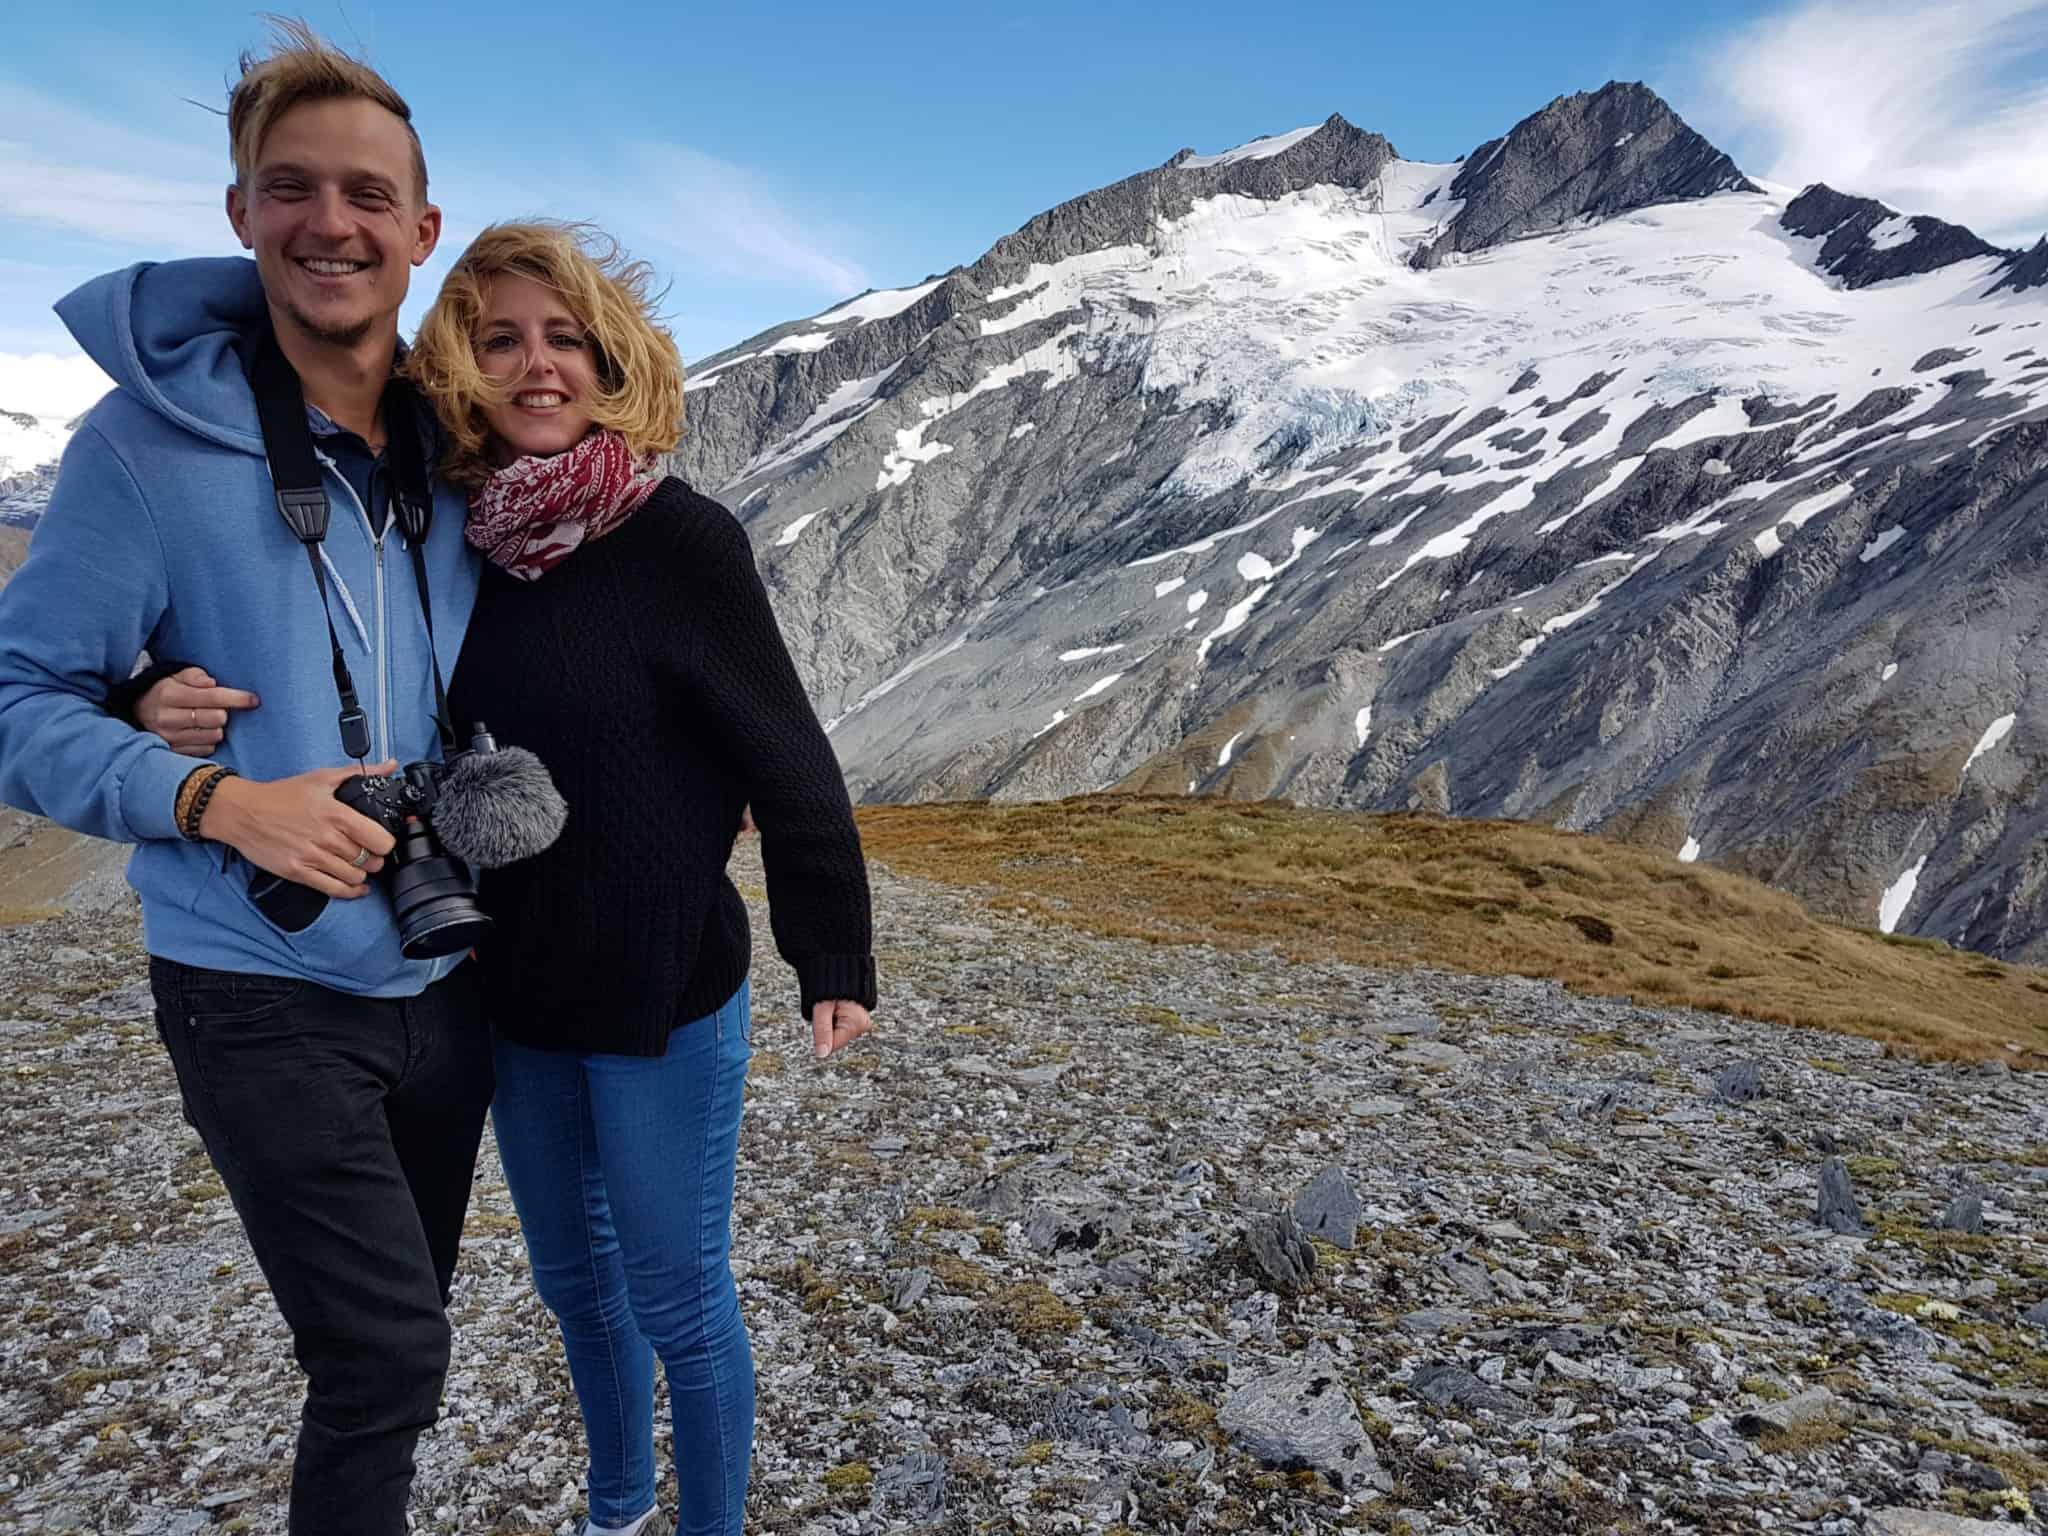 Nouvelle-Zélande, un tour en hélico au dessus de Queenstown qui nous en met plein les yeux ! 🚁 22